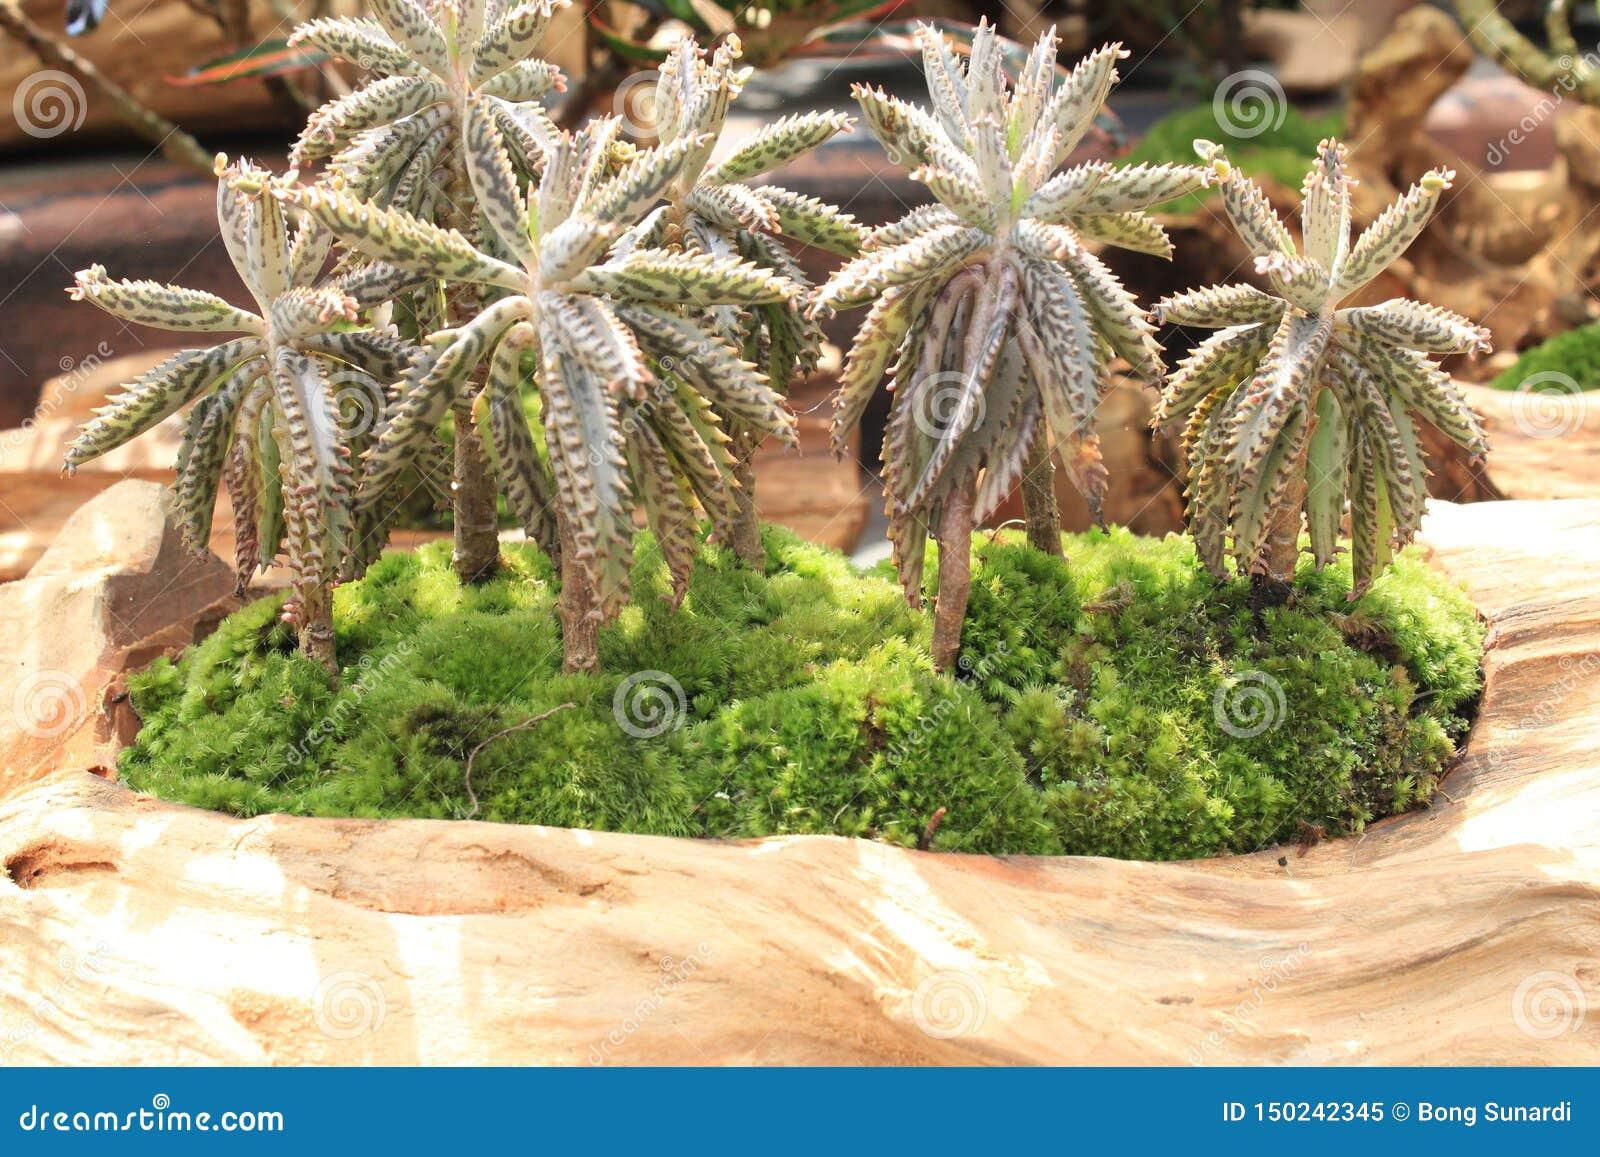 Ομάδα μικροσκοπικού δέντρου καρύδων